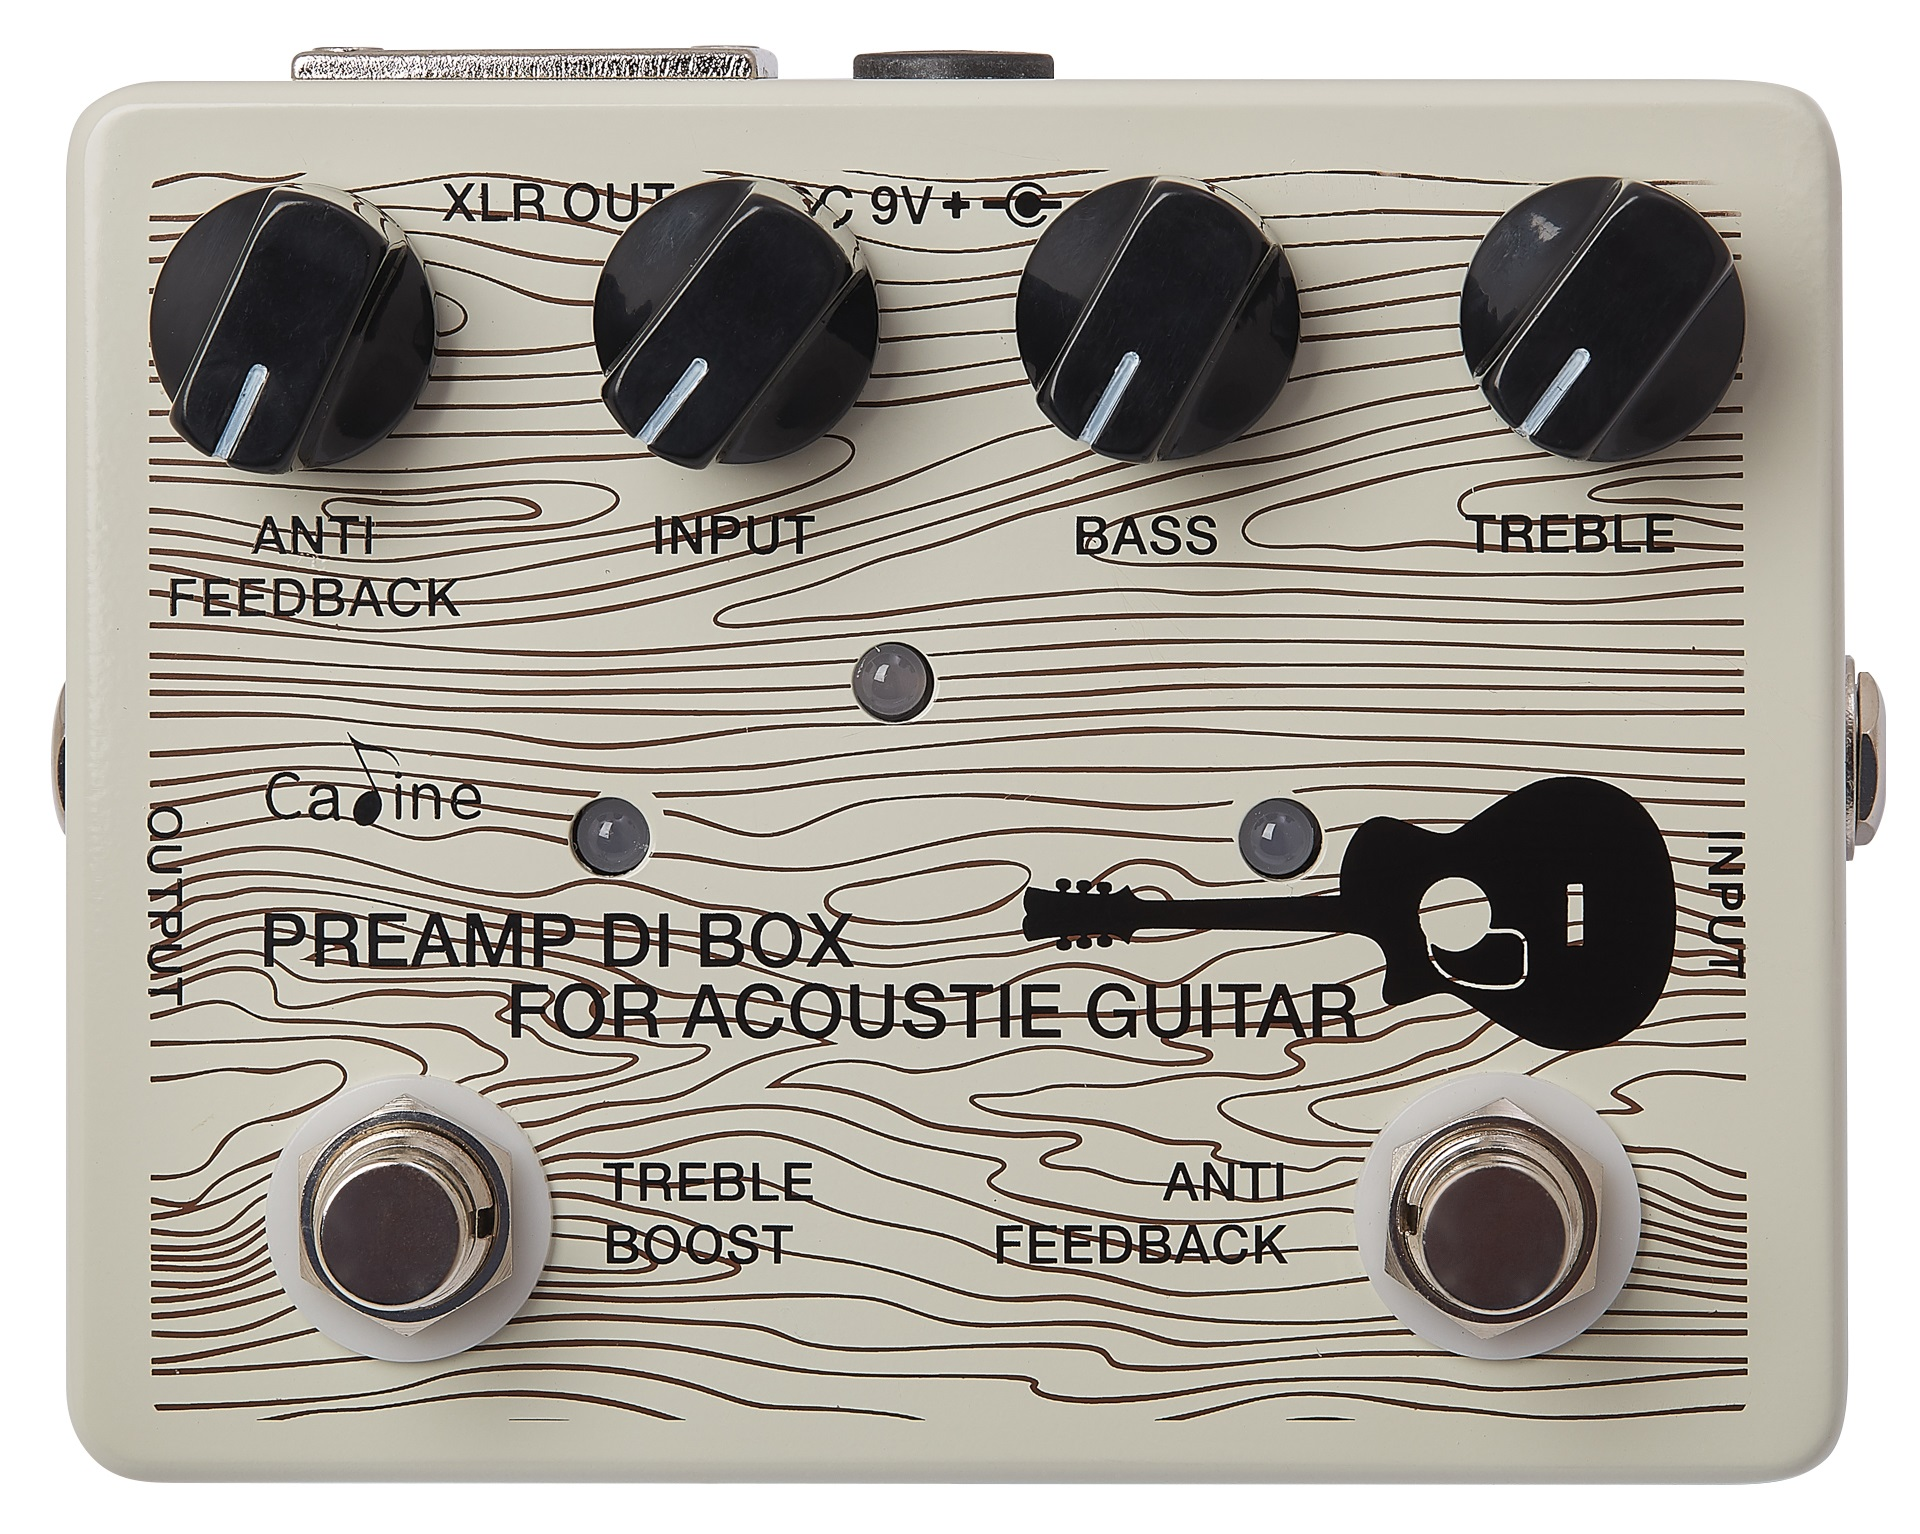 Caline CP-67 DI Box for Acoustic Guitars